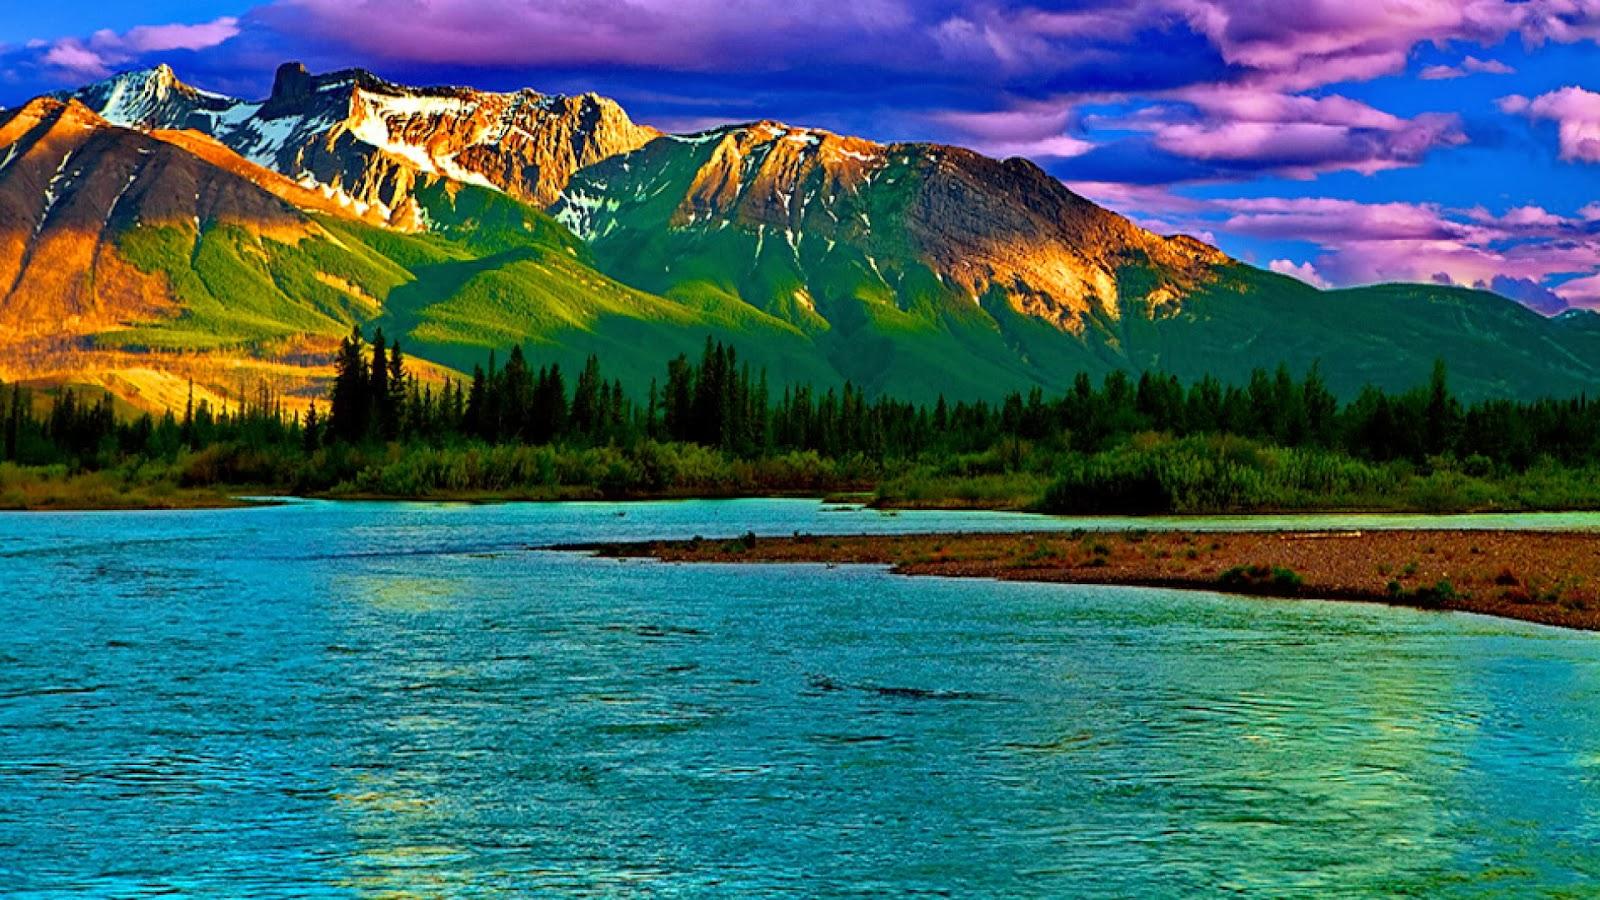 صوره صور جمال الطبيعة , اجمل بوستات لروعة الطبيعة